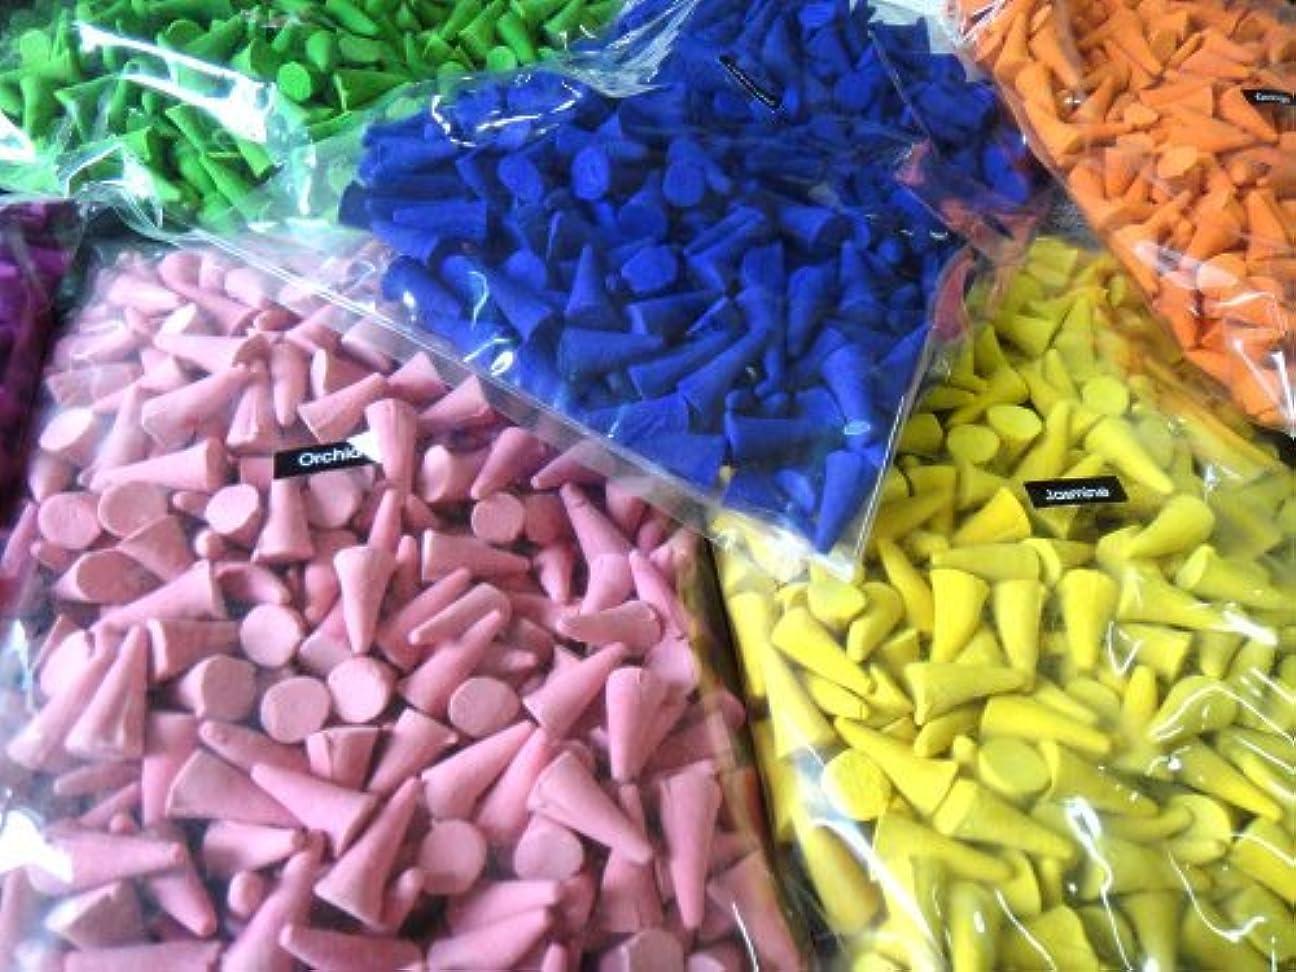 集計笑富豪Incense Conesミックスのさまざまな香り(パックof 100 Cones ) ThaiEnjoy製品